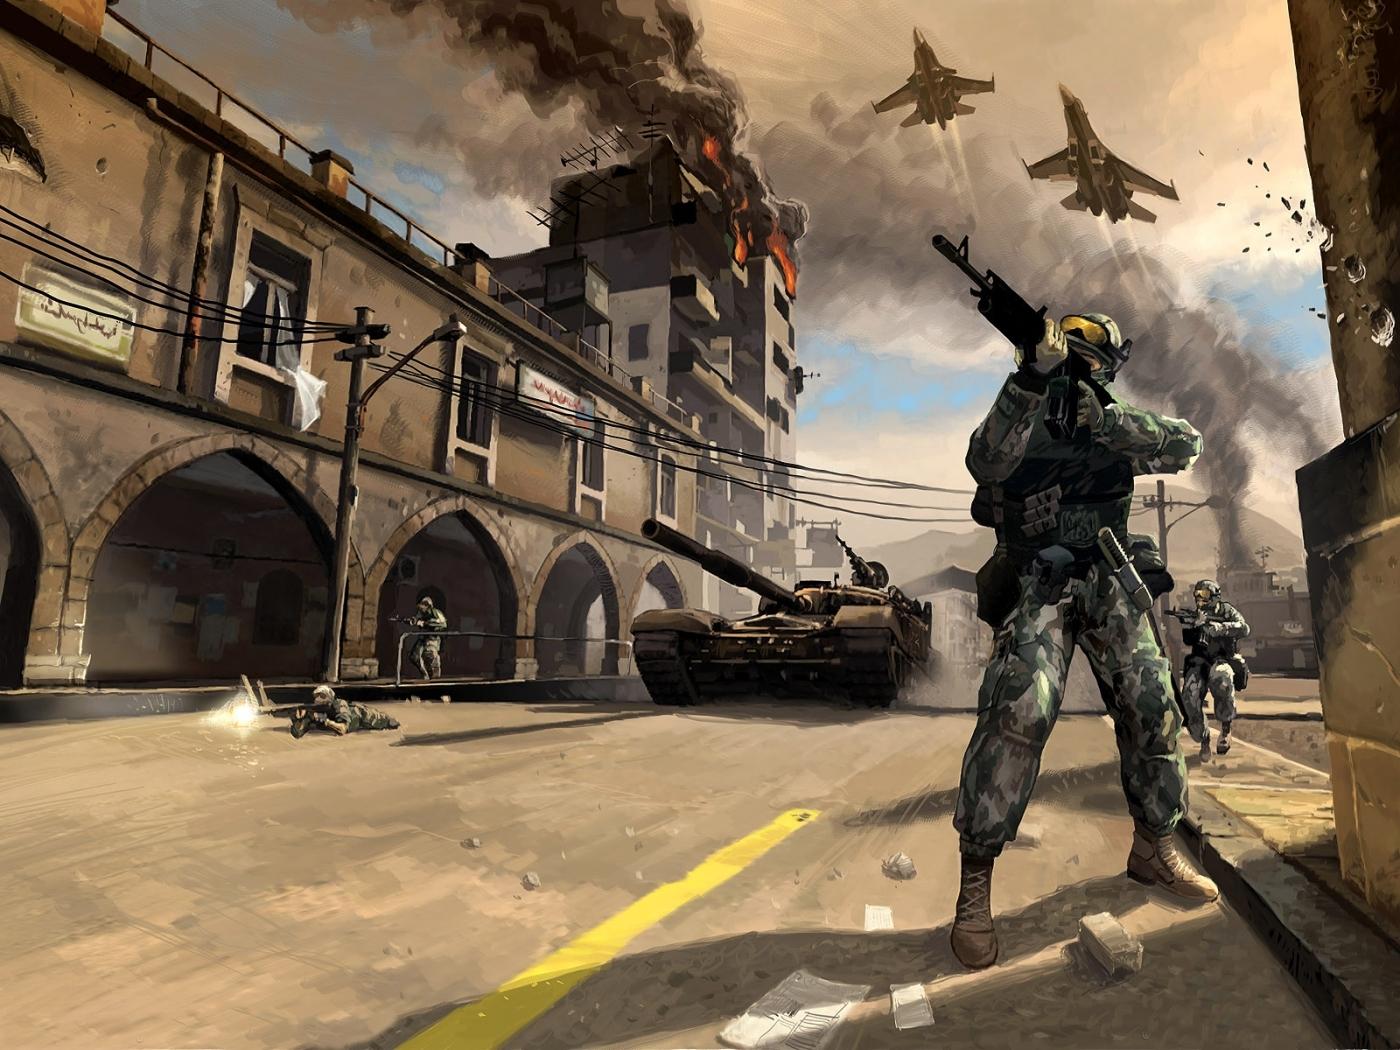 25443 Hintergrundbild herunterladen Spiele, Schlachtfeld, Soldiers - Bildschirmschoner und Bilder kostenlos